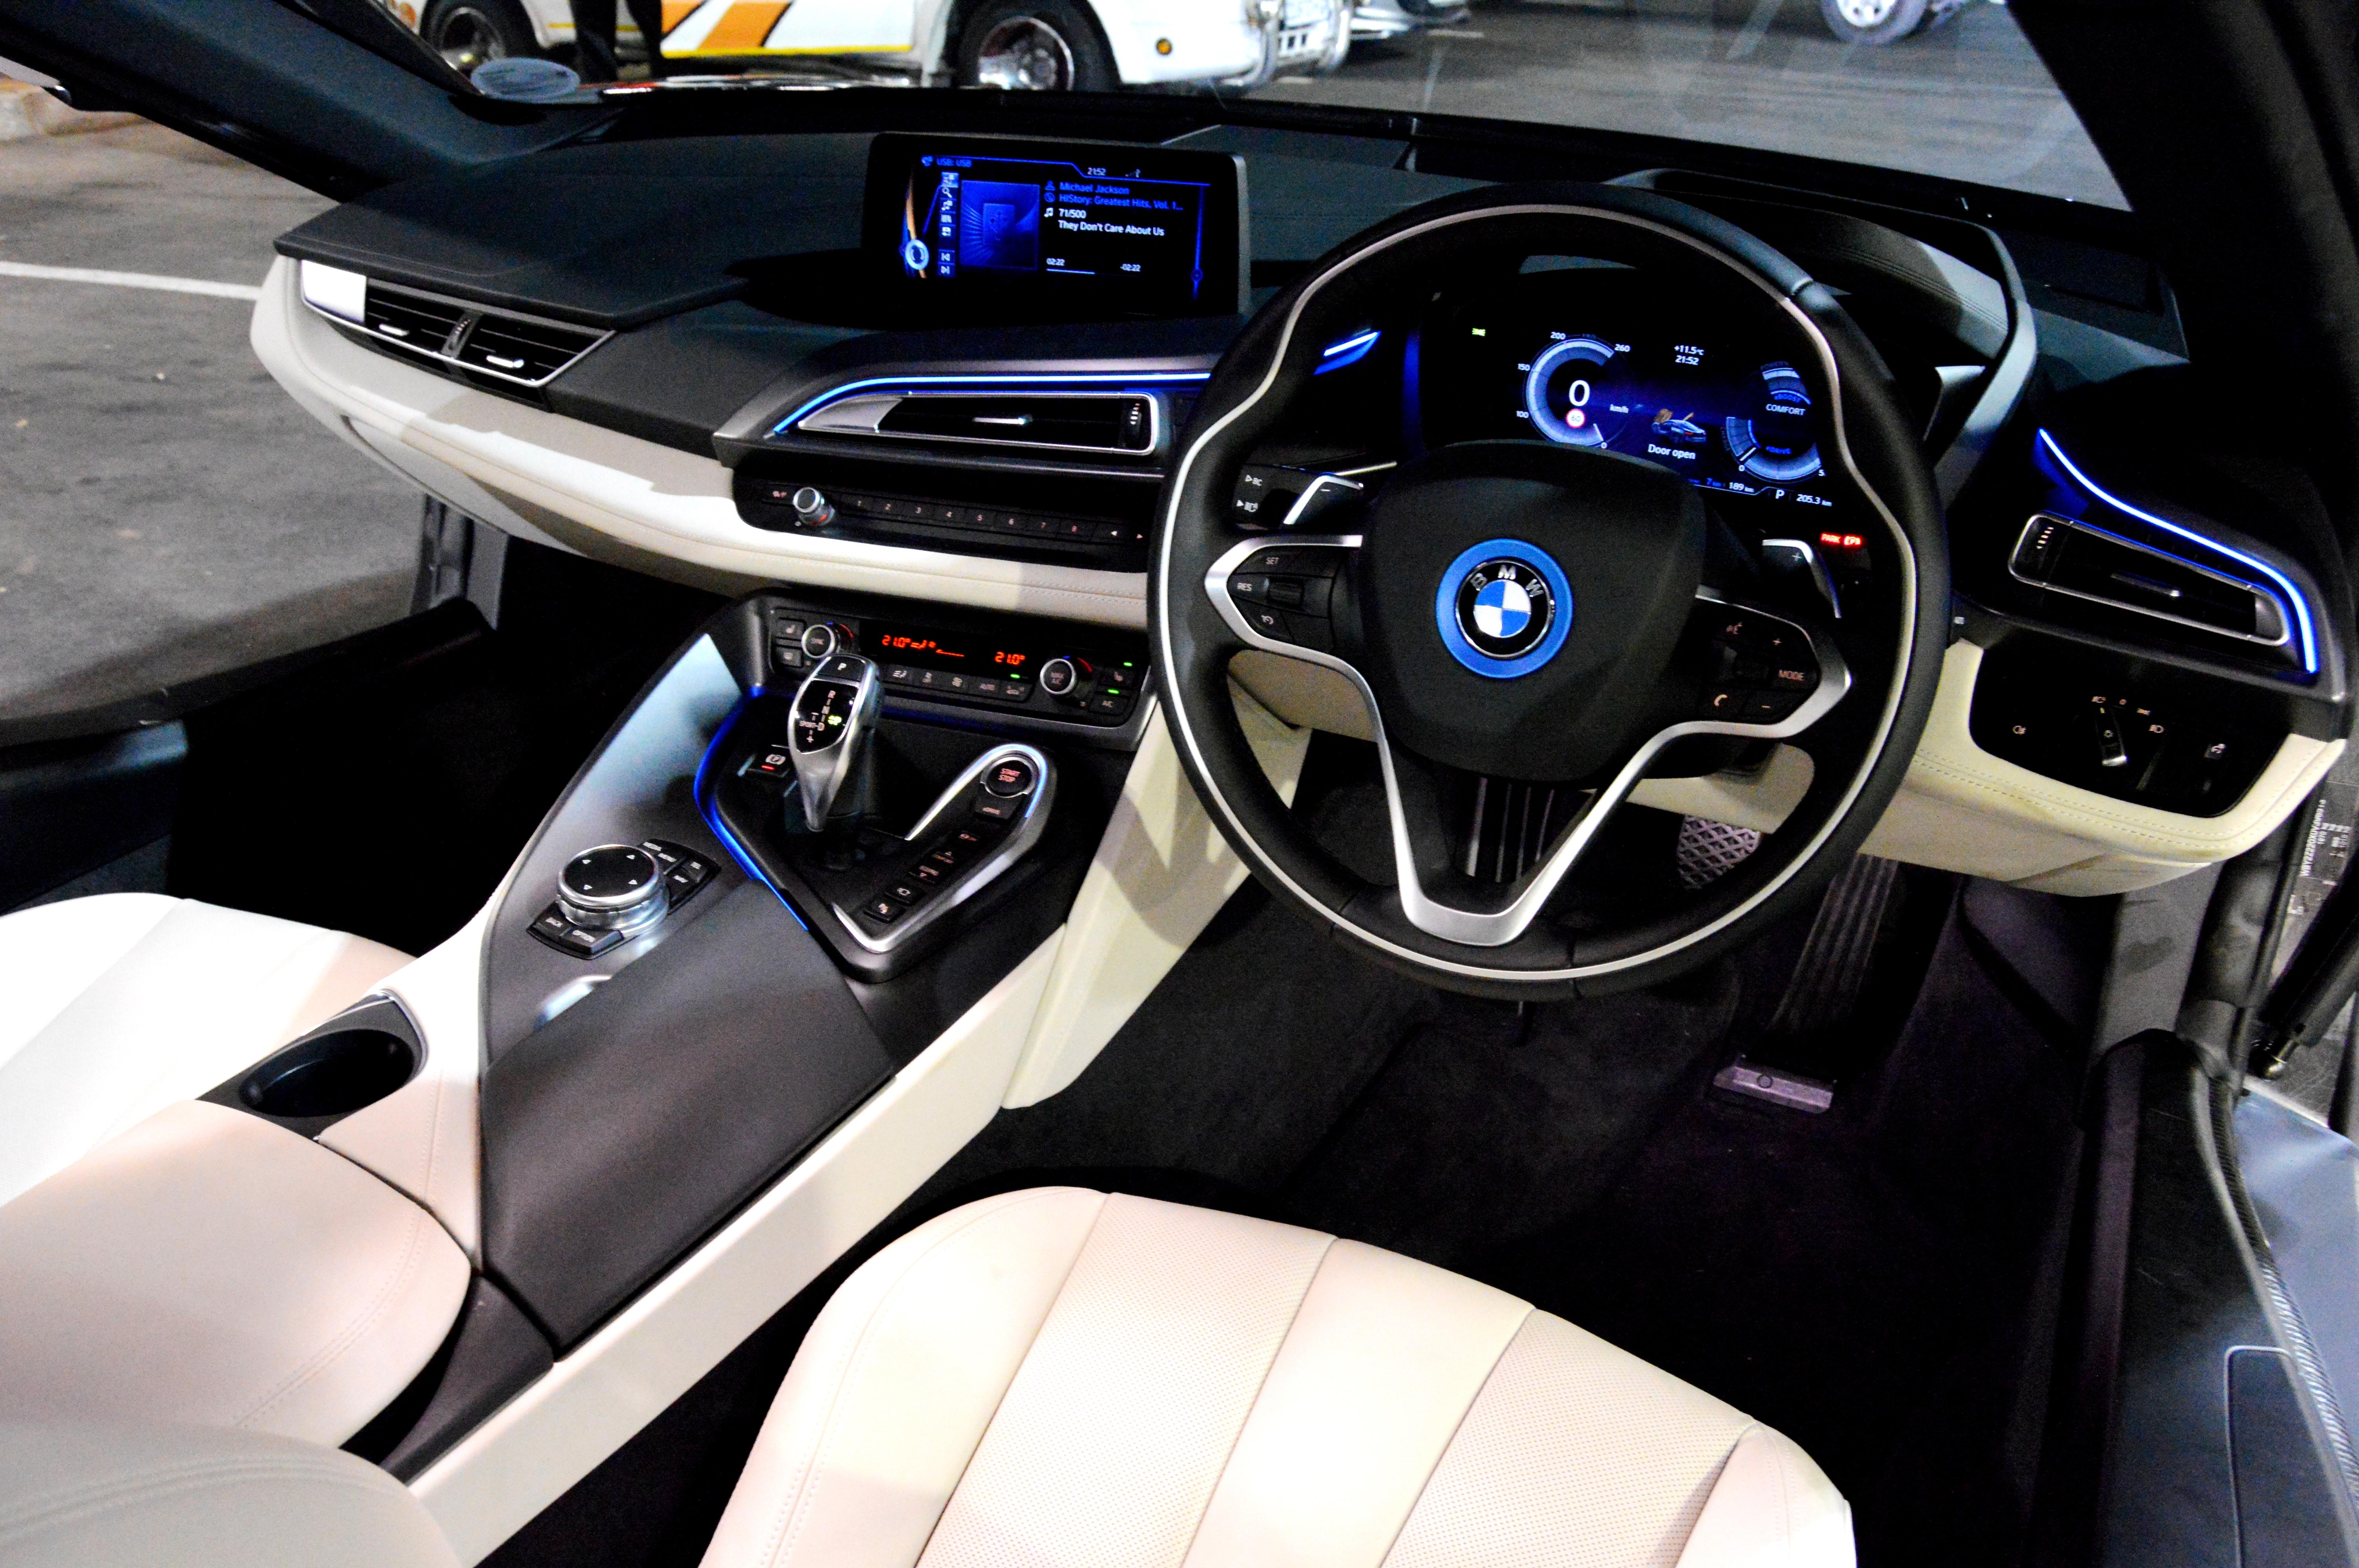 Bmw i8 interior highlights